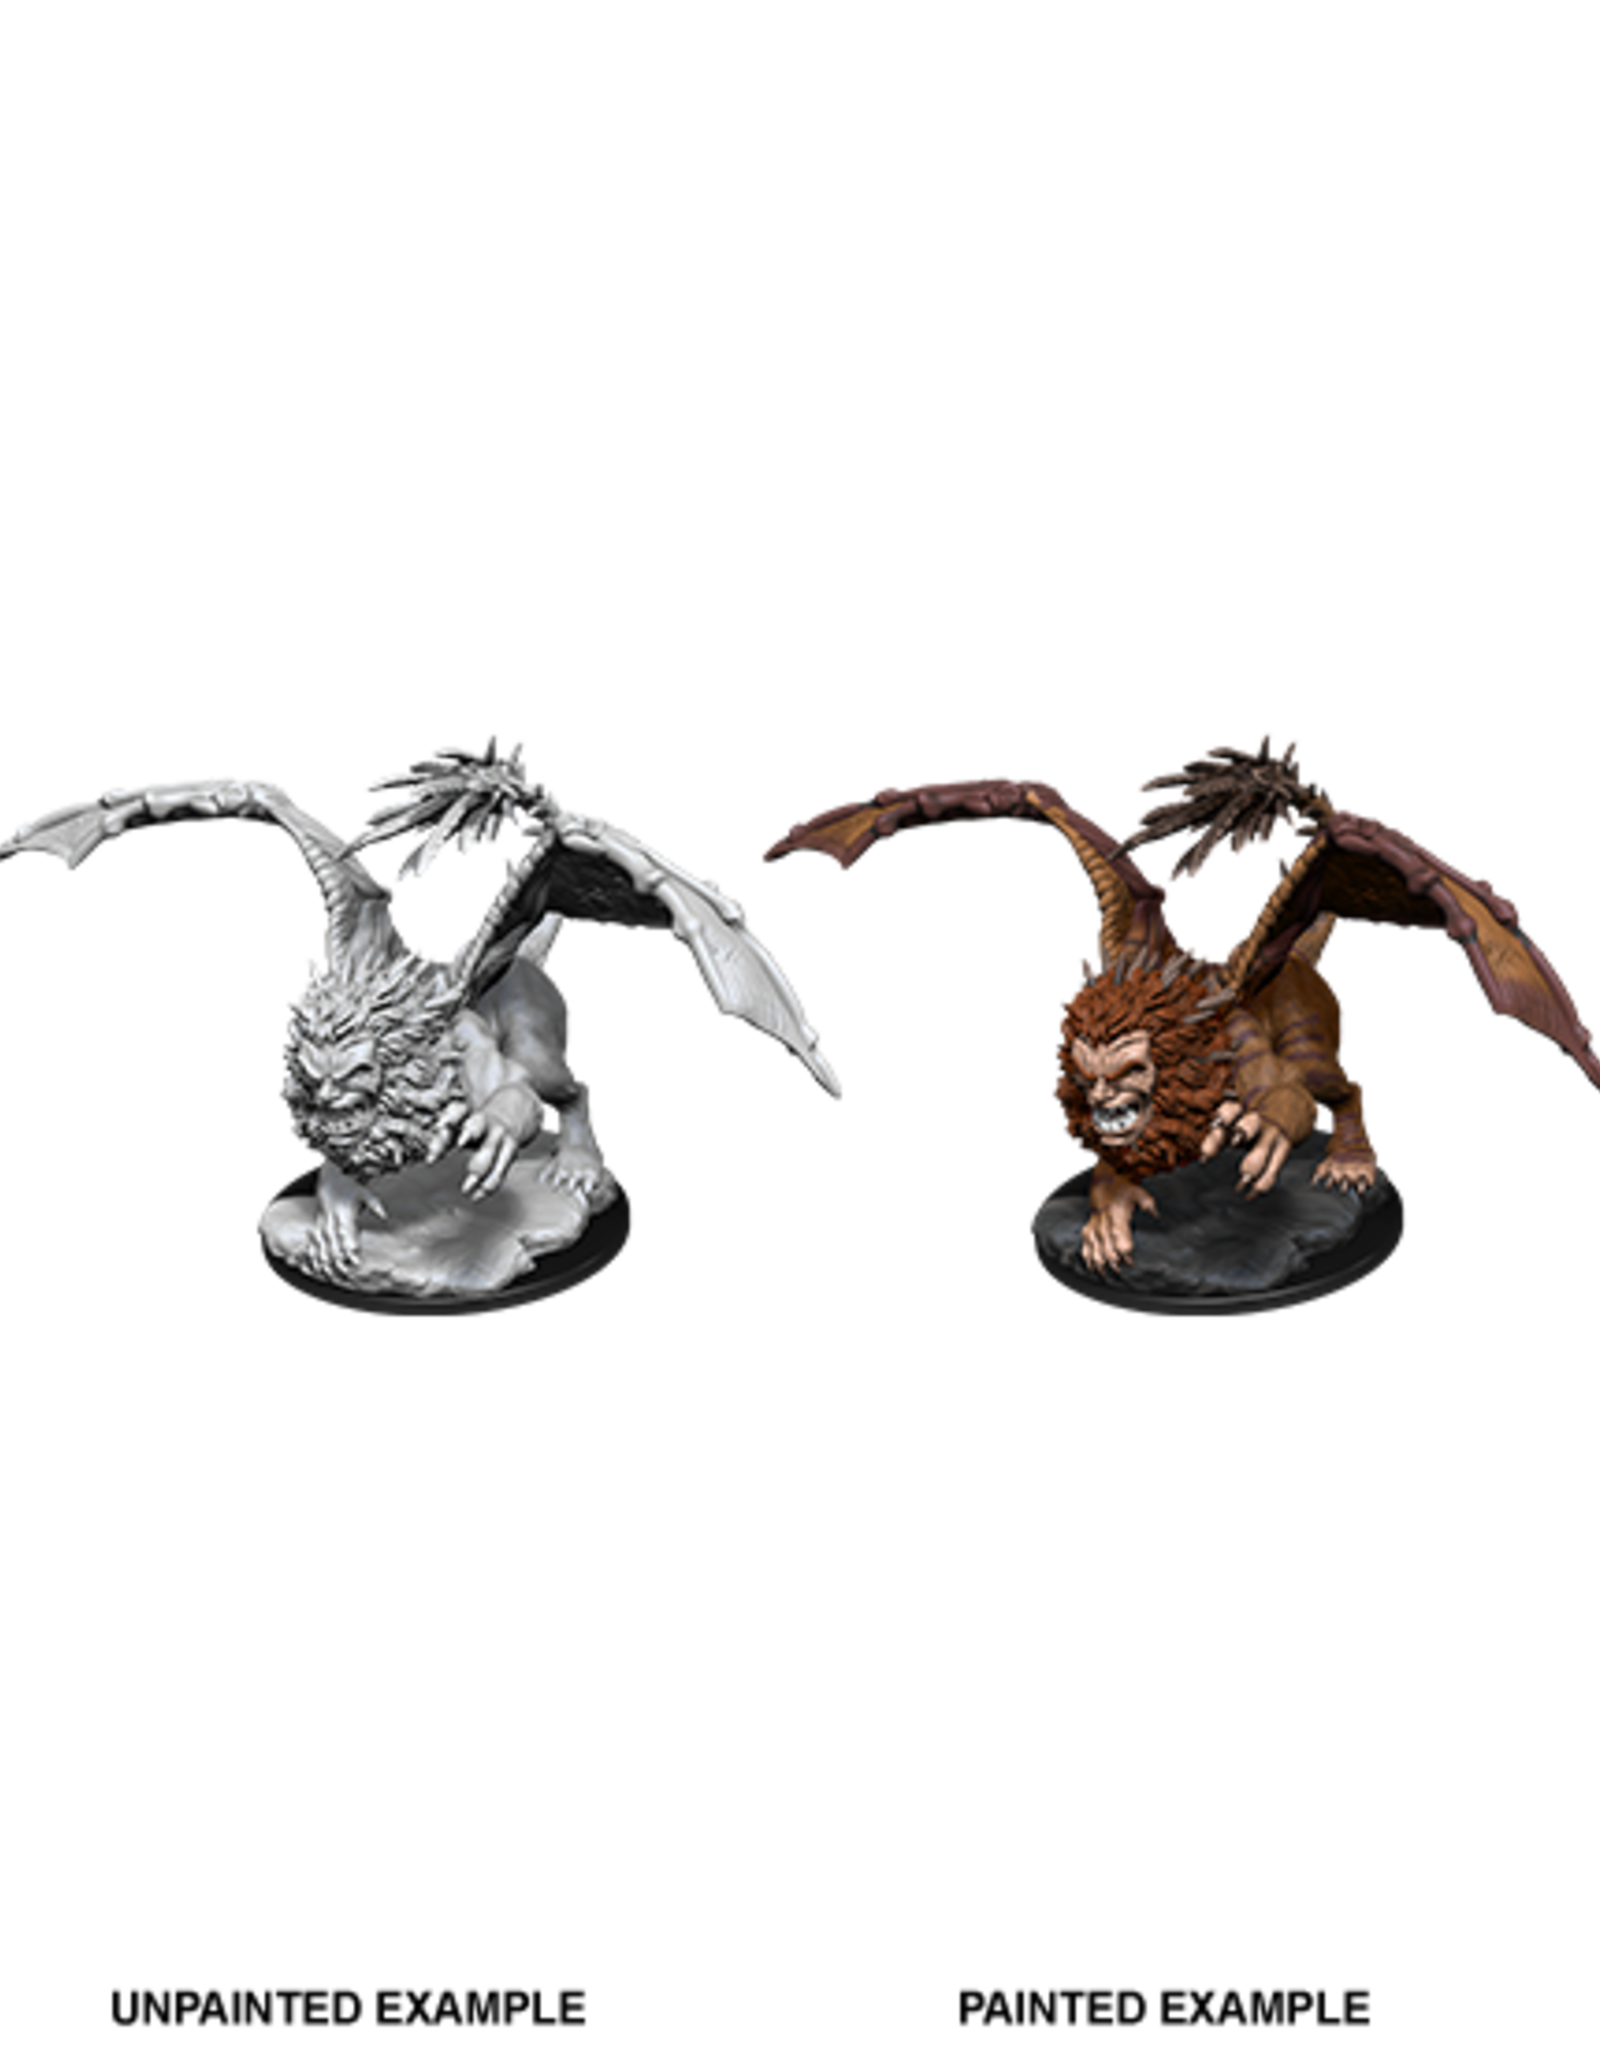 Nolzur's Marvelous Miniatures D&D D&D NMU - Manticore (W12)